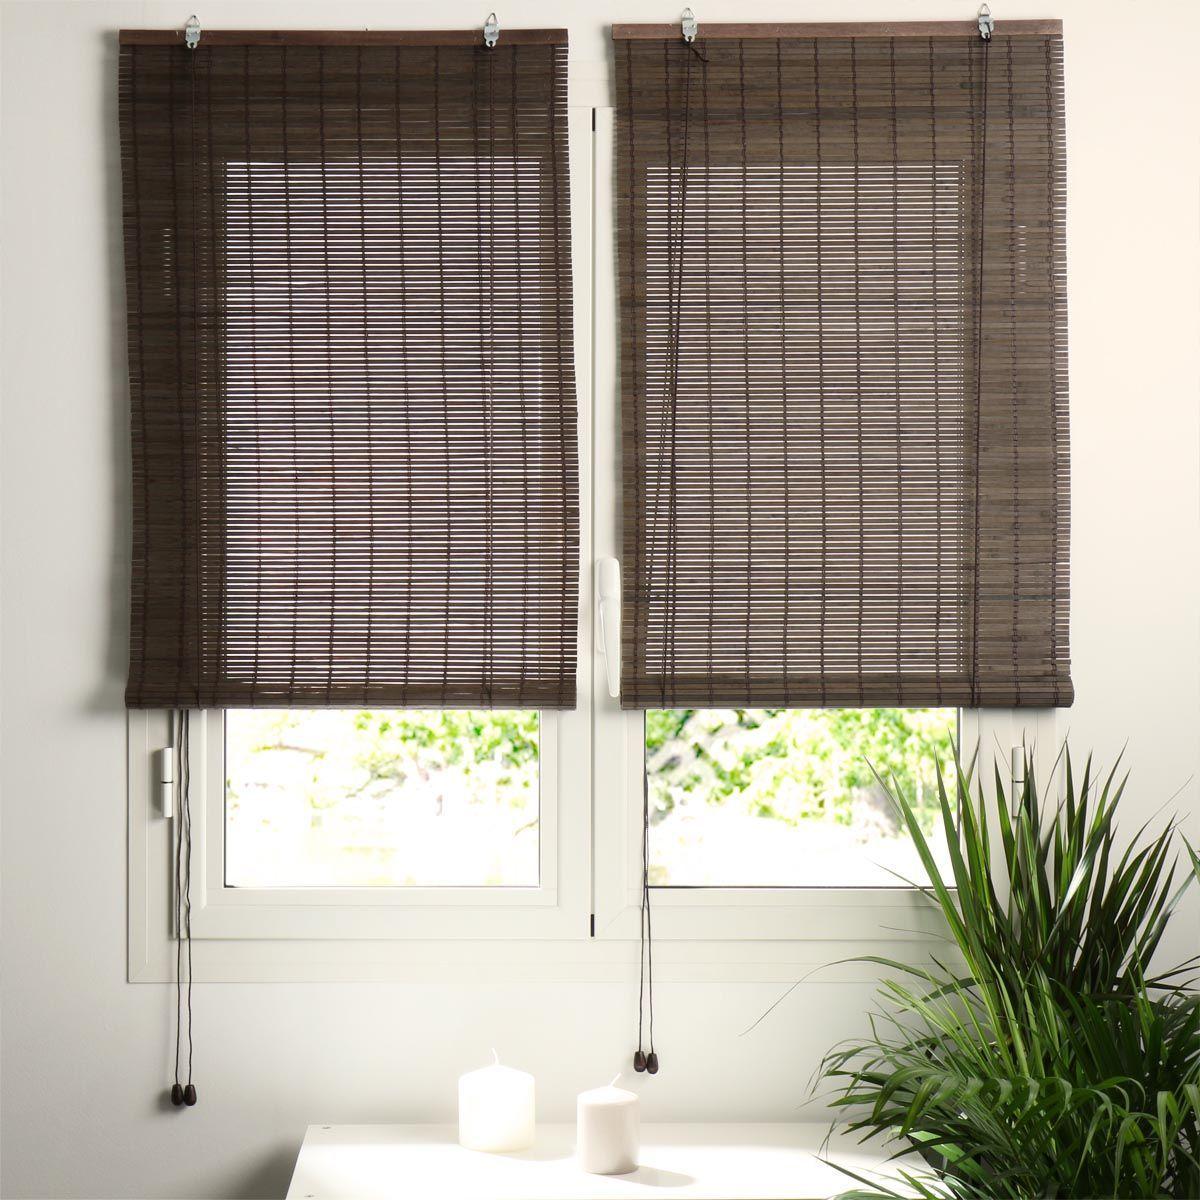 store enrouleur lattes 40 x h180 cm bambou chocolat store enrouleur bambou eminza. Black Bedroom Furniture Sets. Home Design Ideas